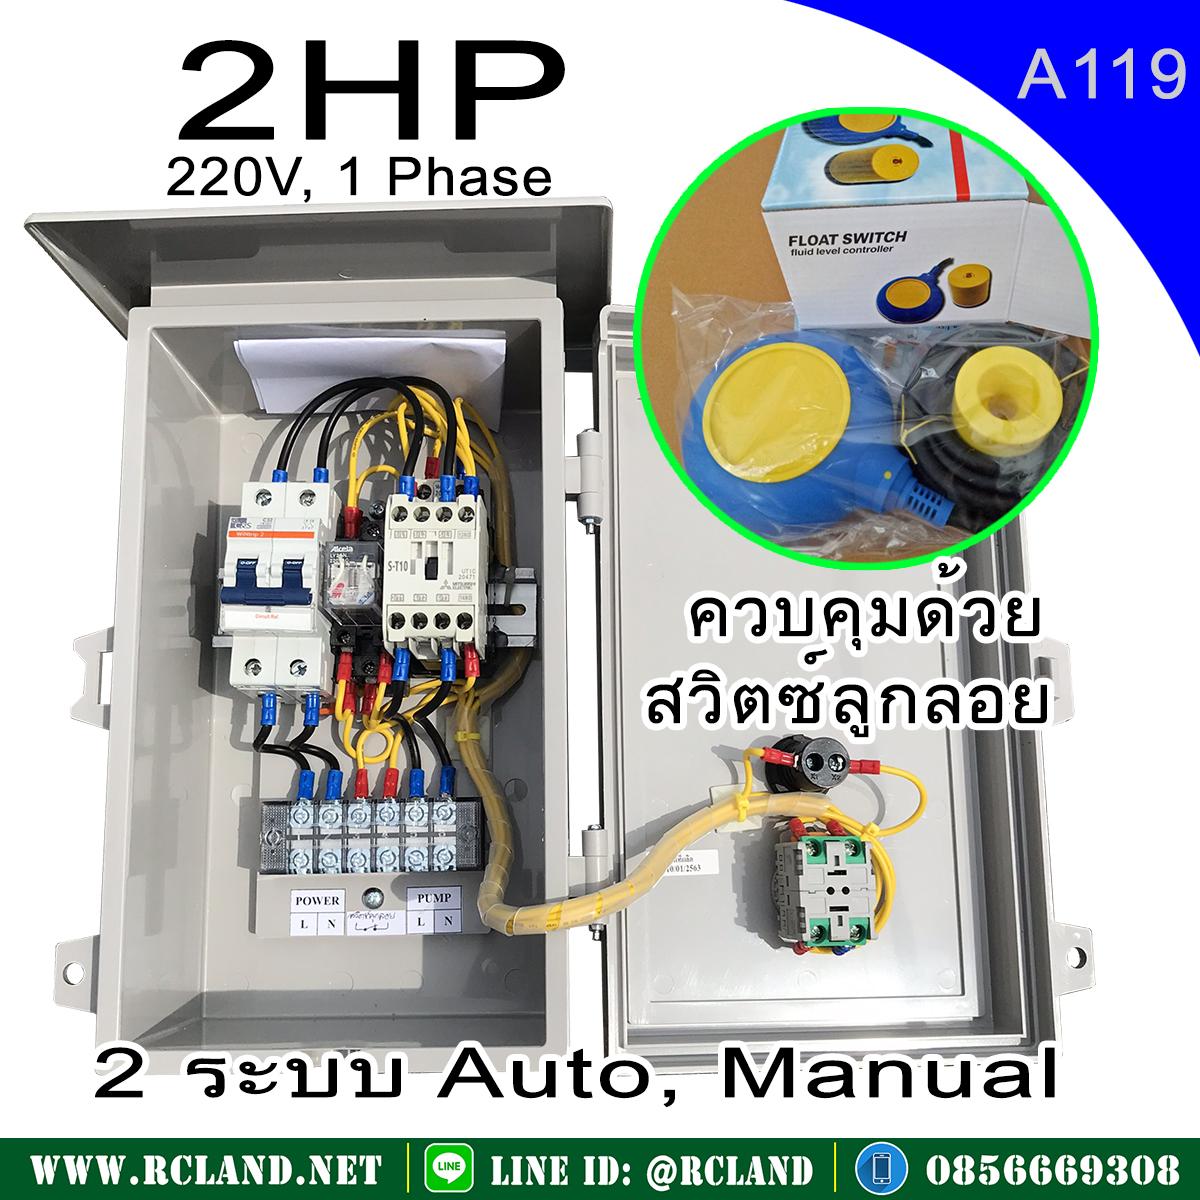 ตู้คอนโทรล ตู้ควมคุมปั๊ม 2HP 220VAC 1 Phase สำหรับต่อสวิทต์ลูกลอยหรือสวิทต์อย่างอื่น